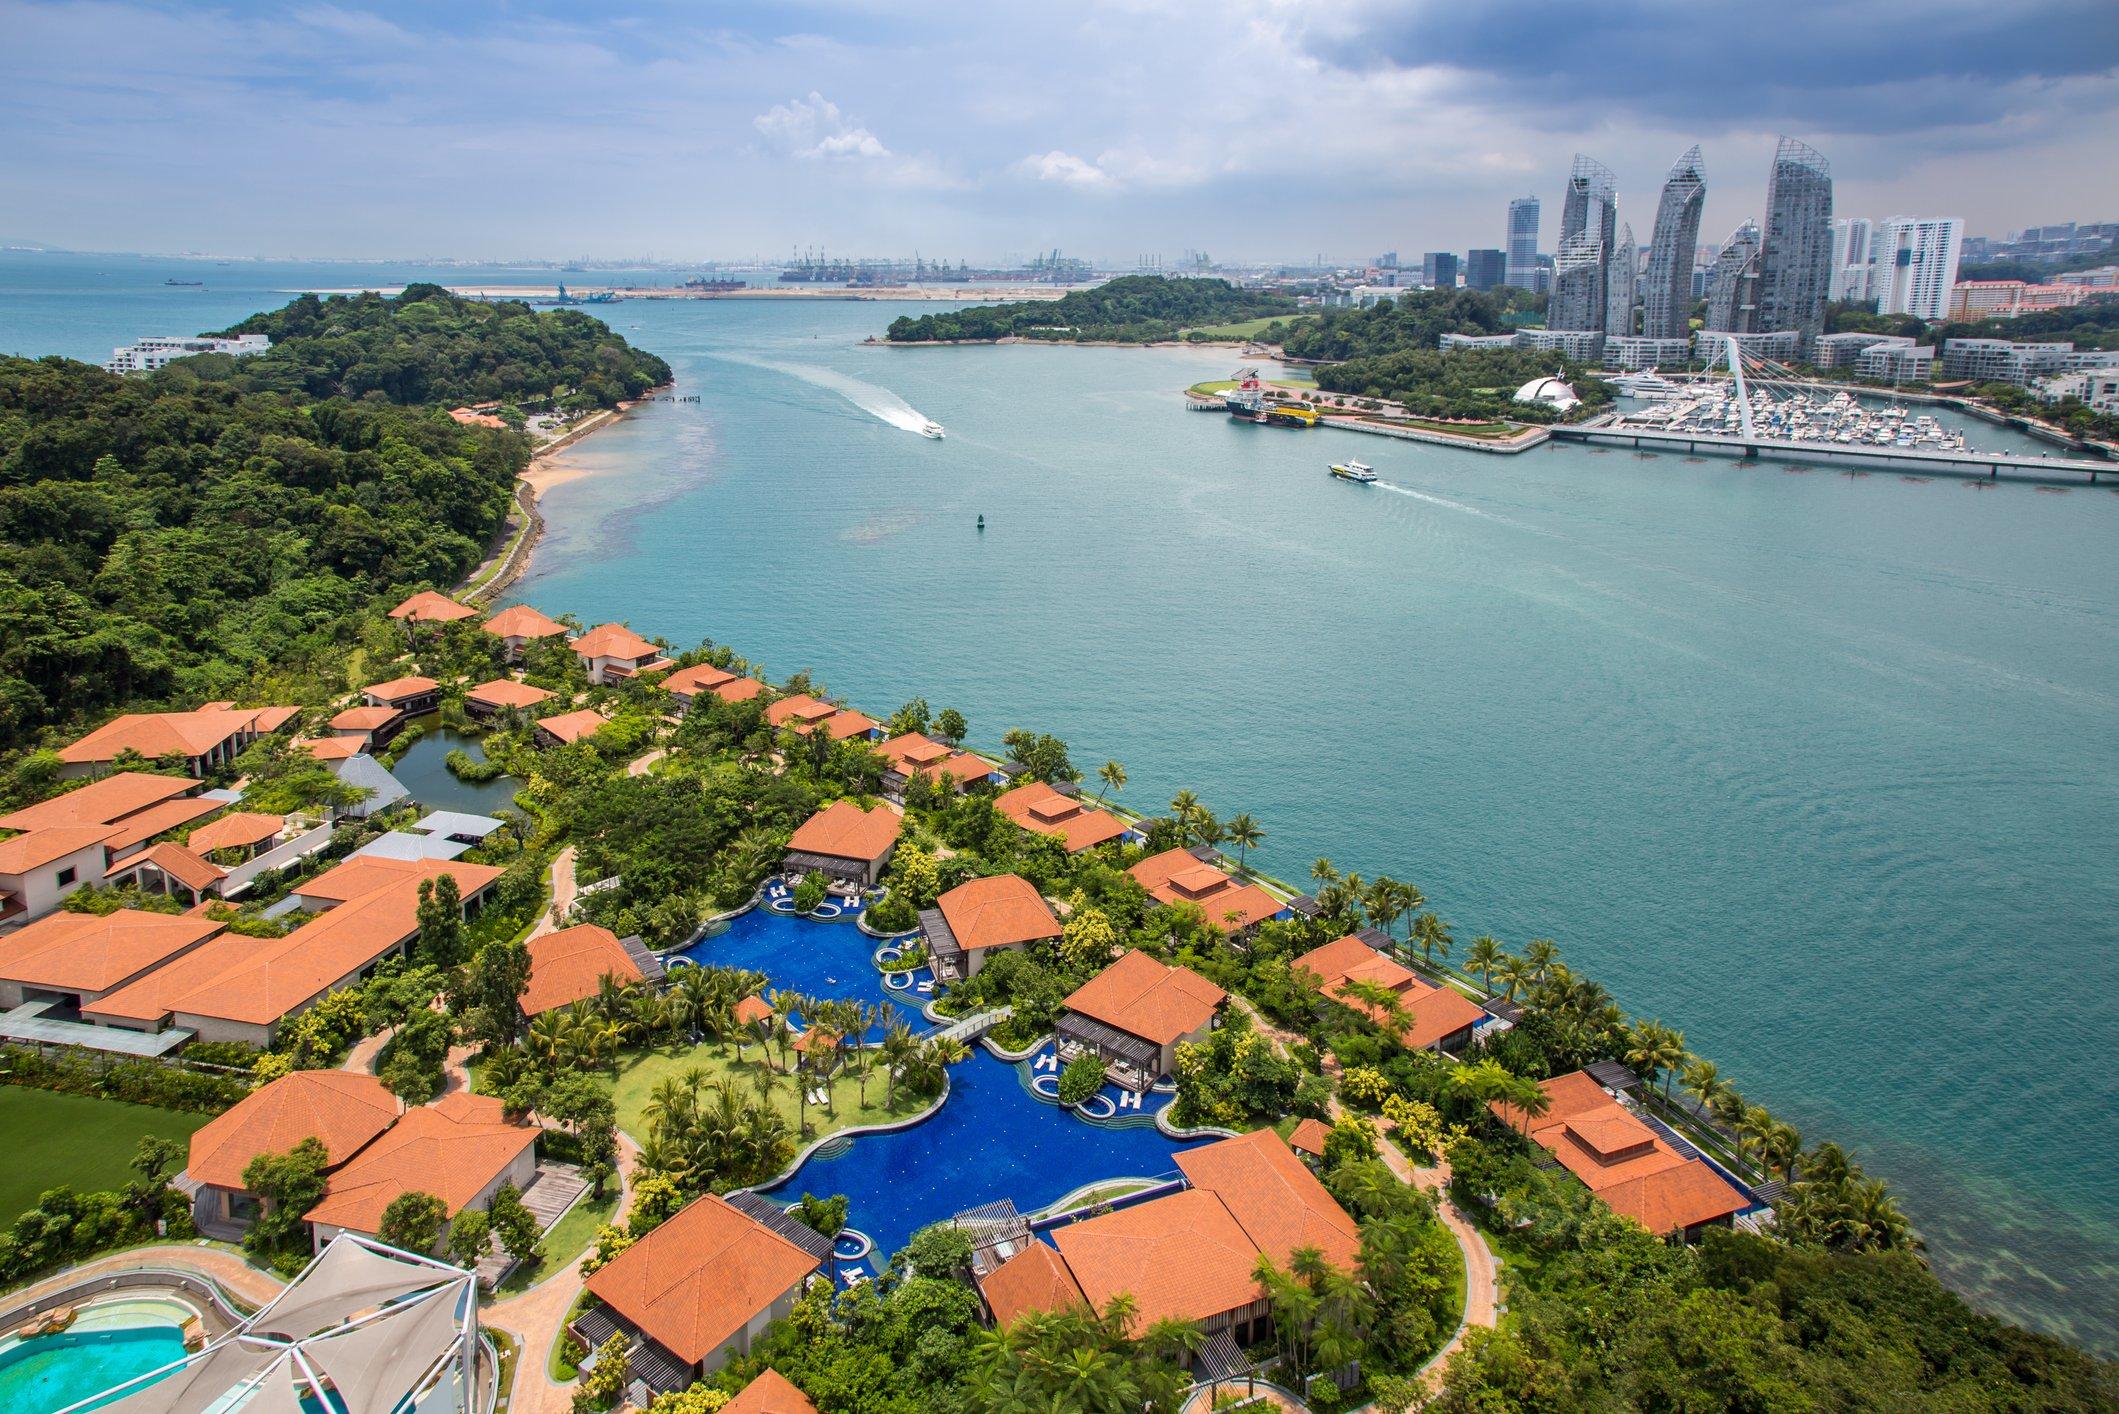 изготовление сингапур о сентоза фото архитектура были приведены основные